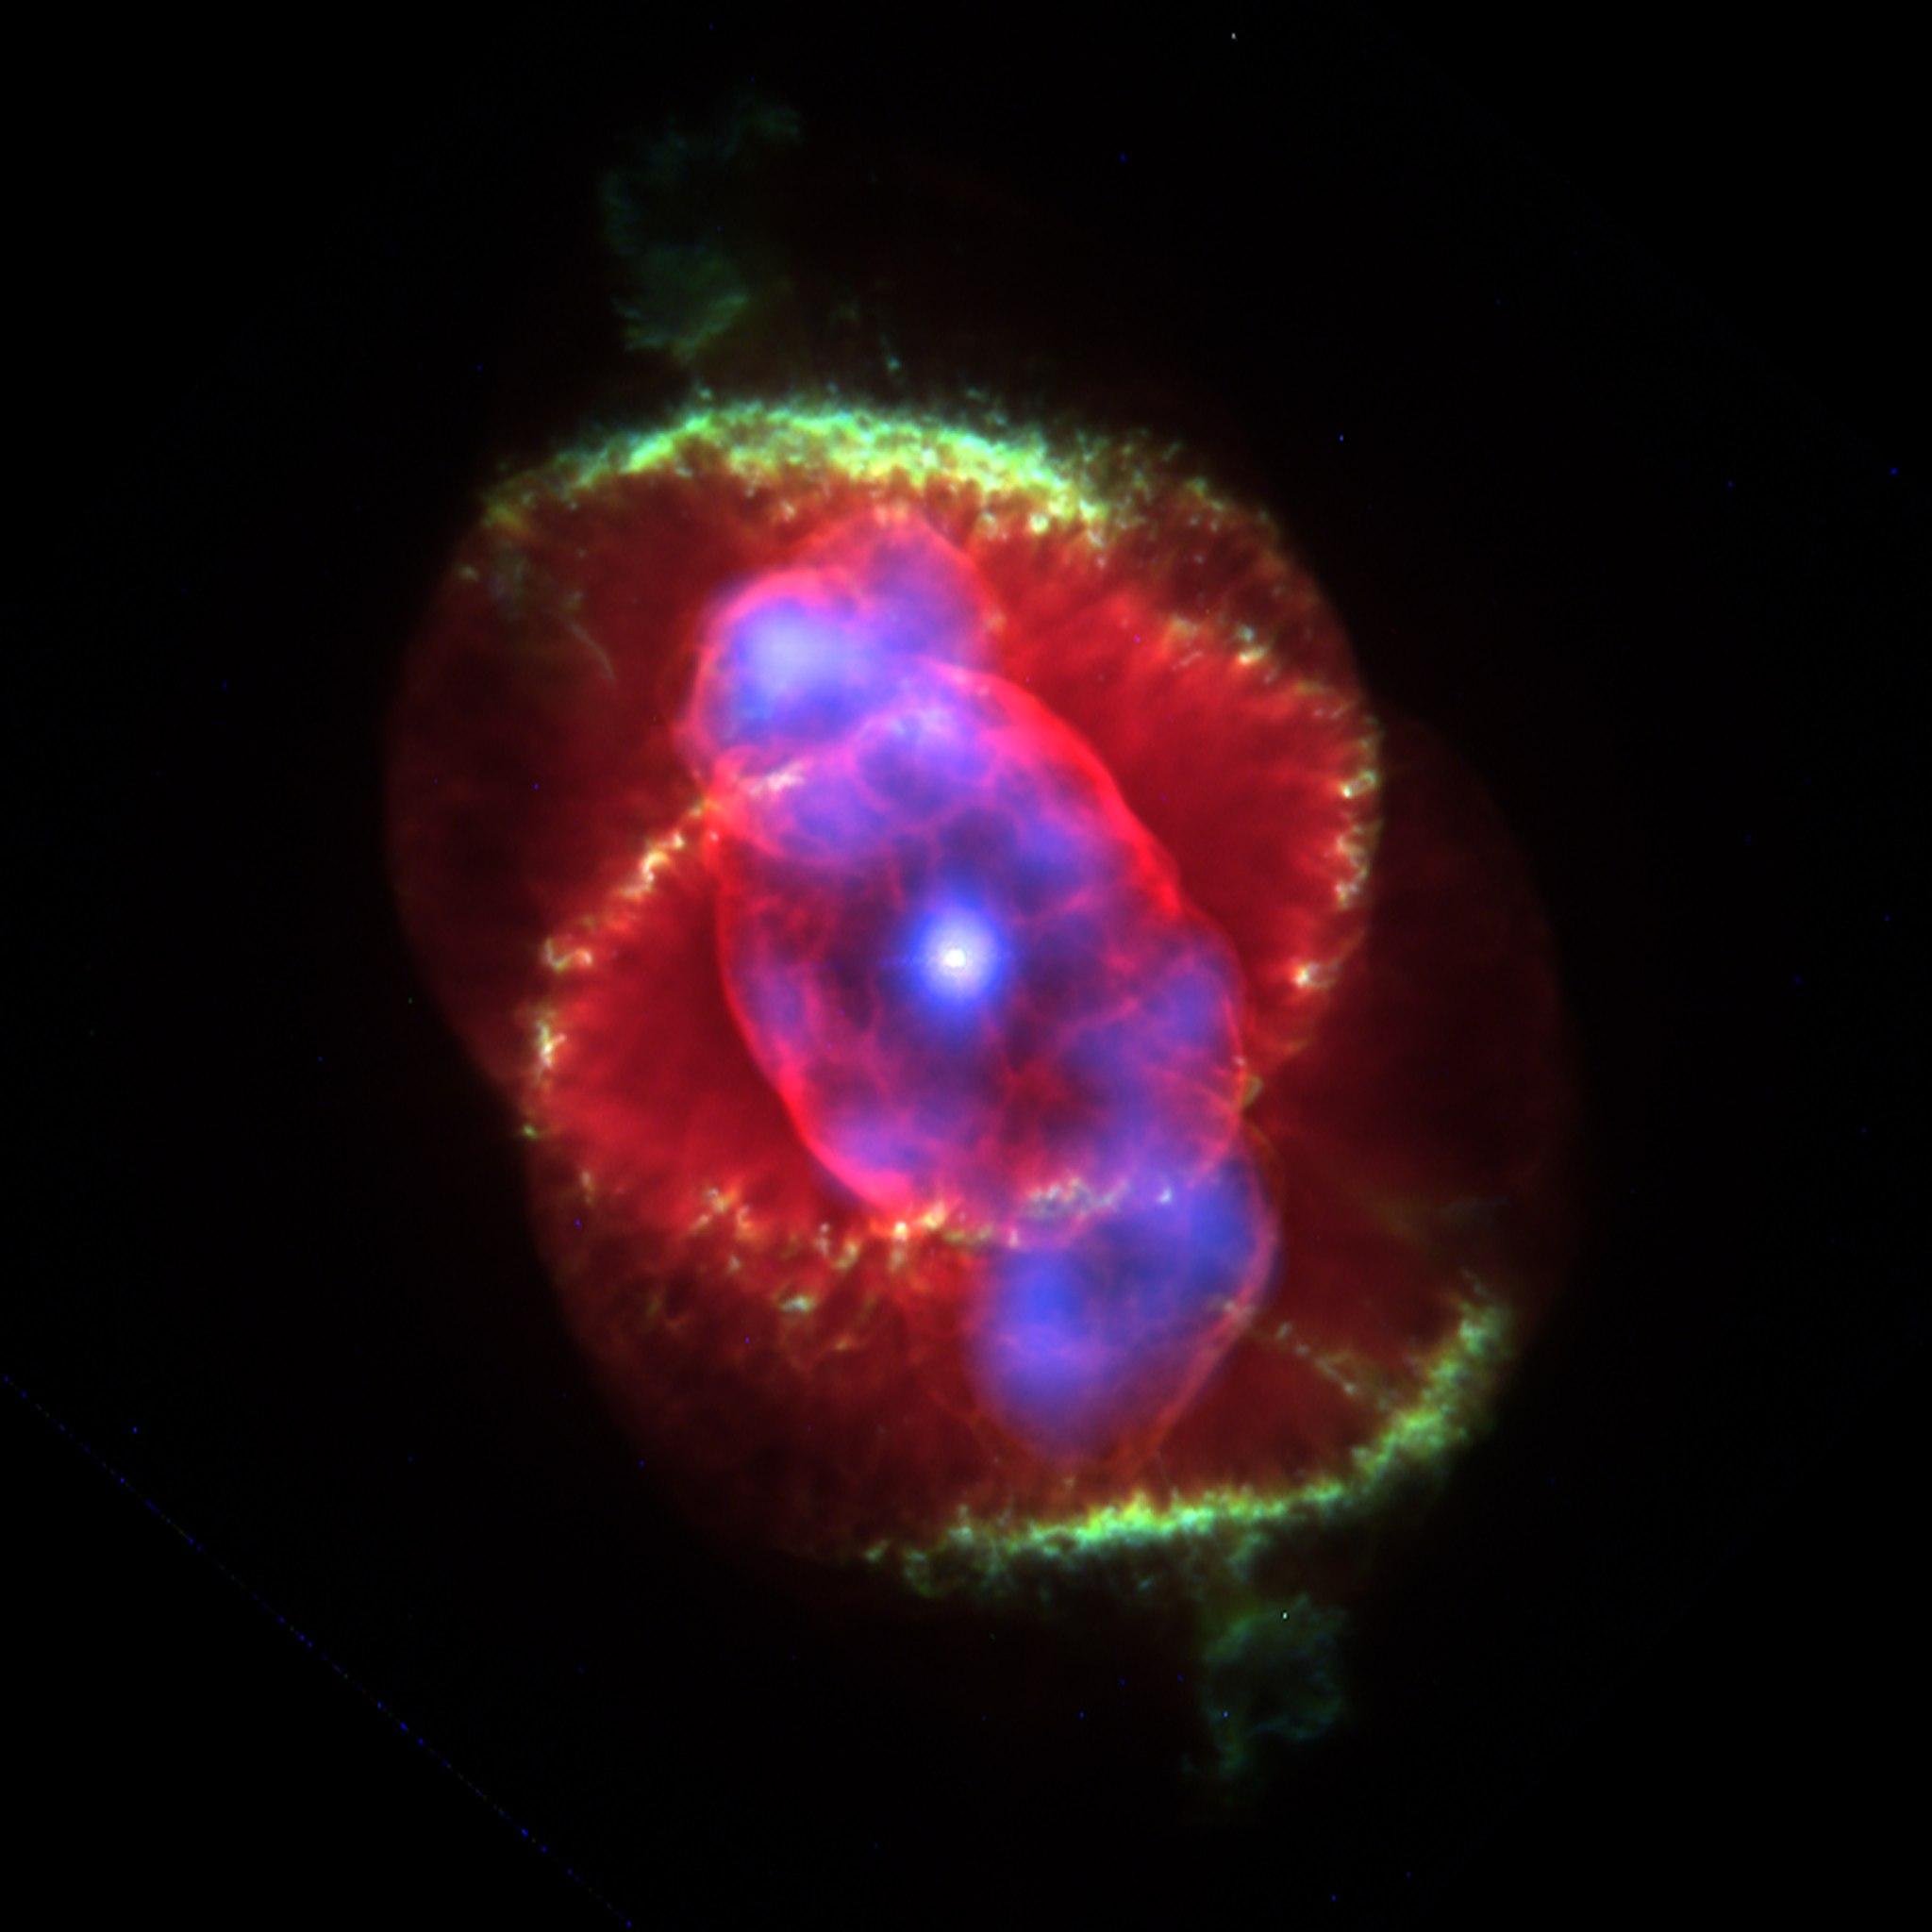 NGC6543